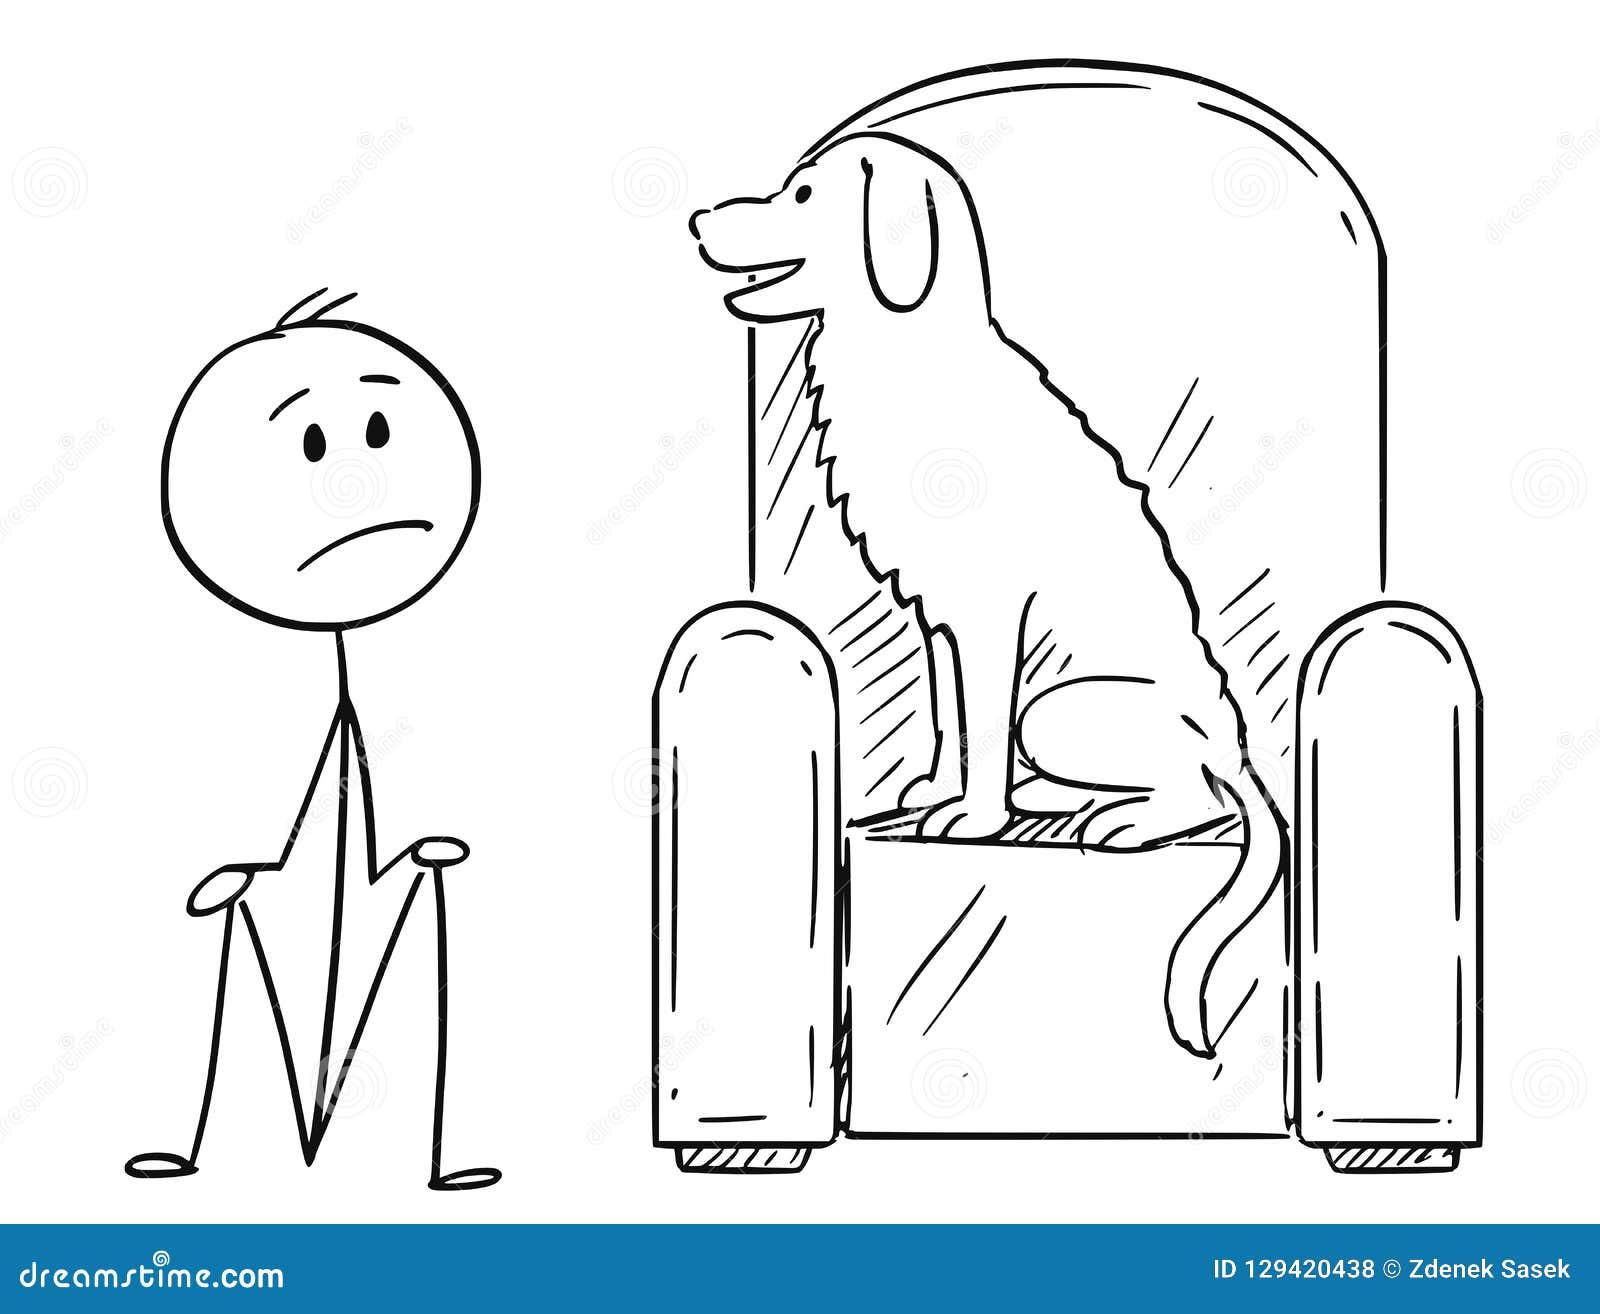 Bande dessinée de l homme se reposant sur la terre puisqu un chien occupe le fauteuil